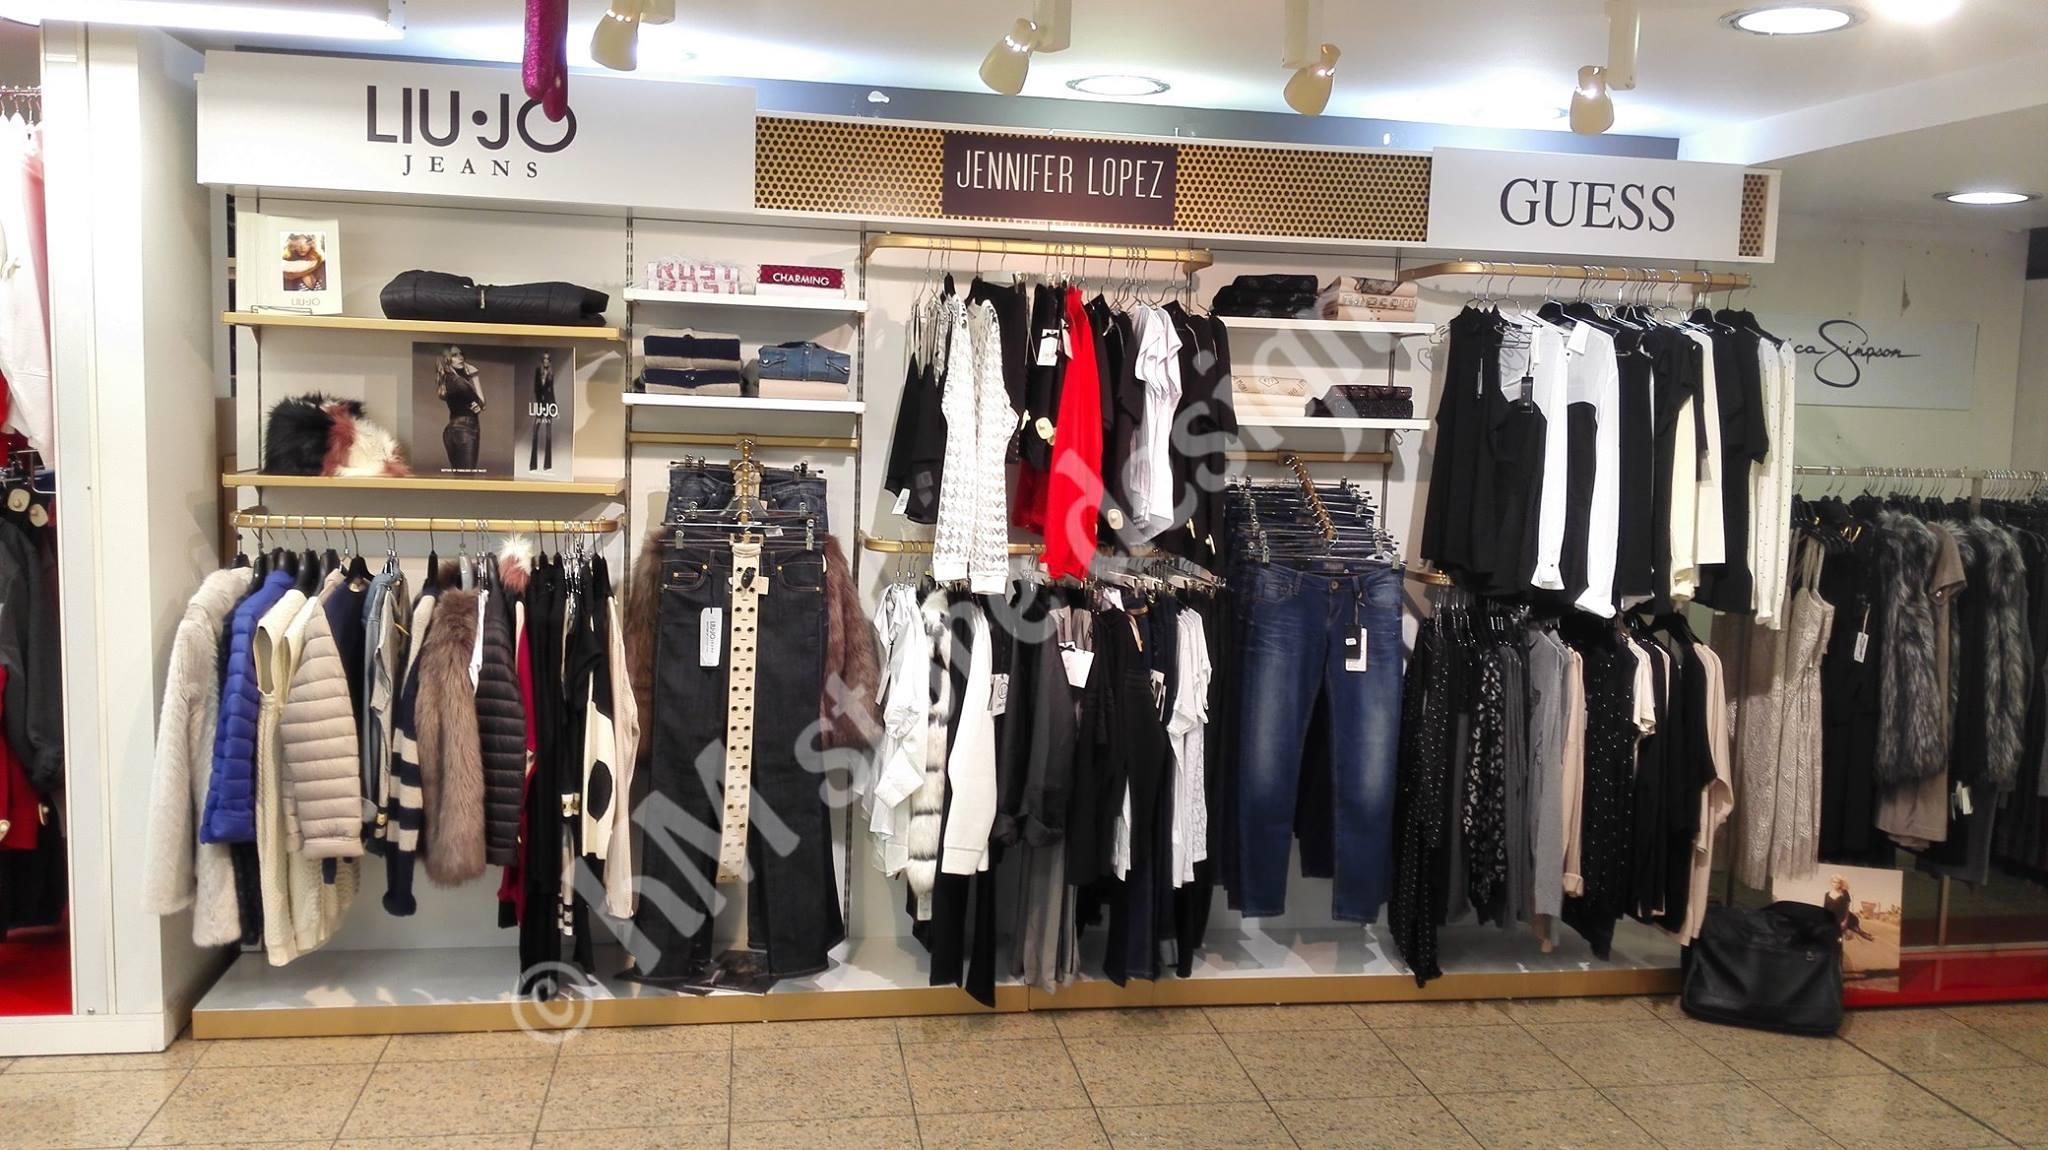 96b7a6772 Σύνθεση τοίχου για ρούχα σε κατάστημα κρέμαση, προβολή ανφας και διπλωμένα  ρούχα